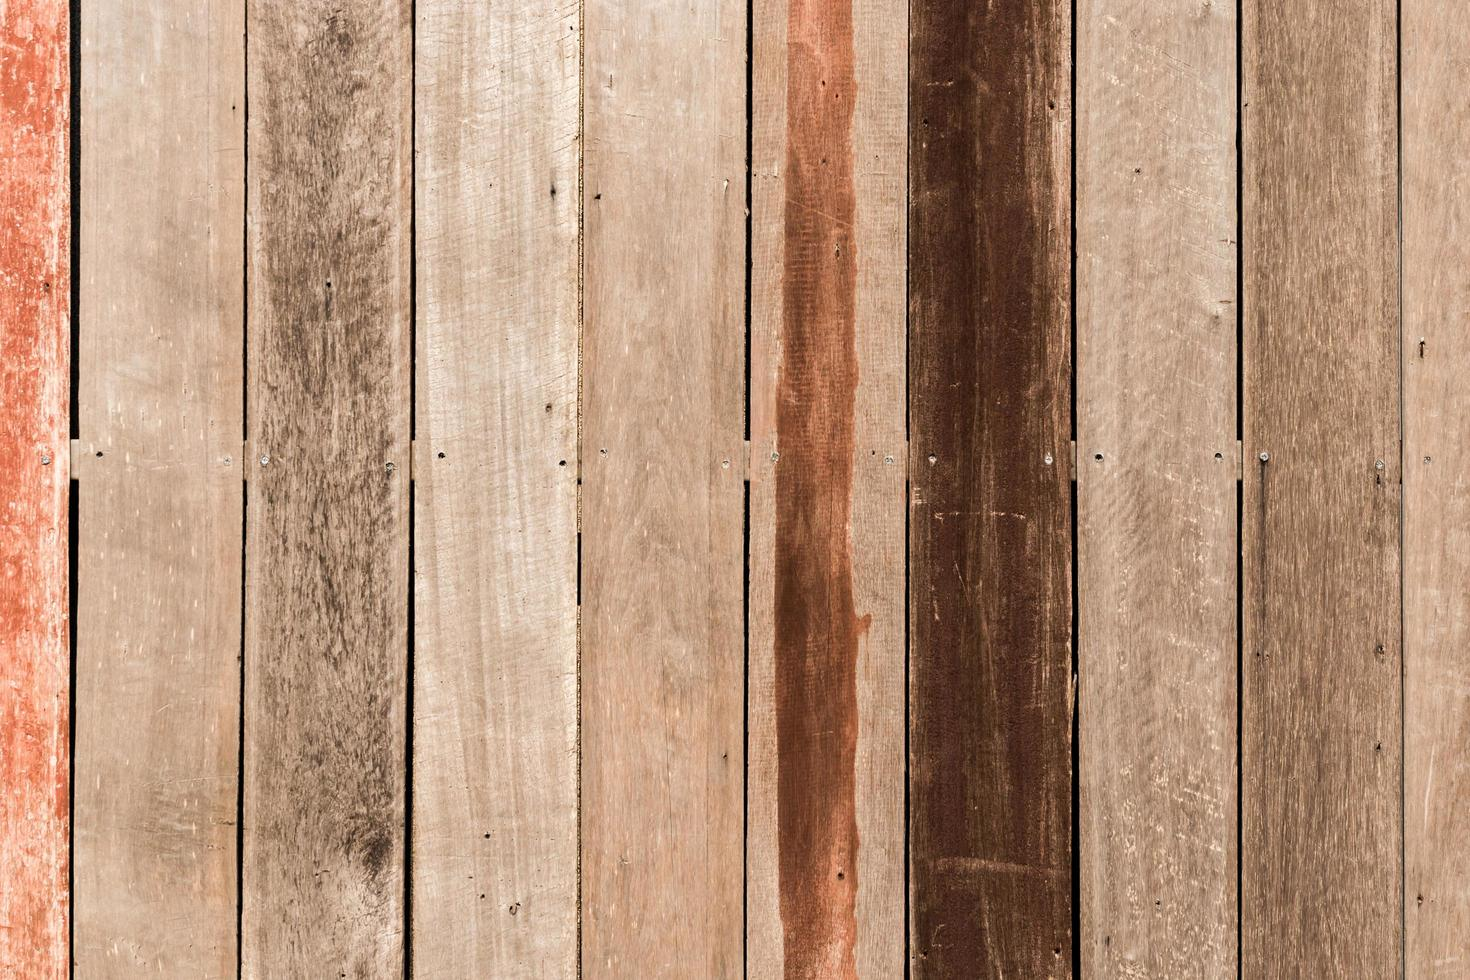 Holz Textur. Hintergrund altes Panel foto